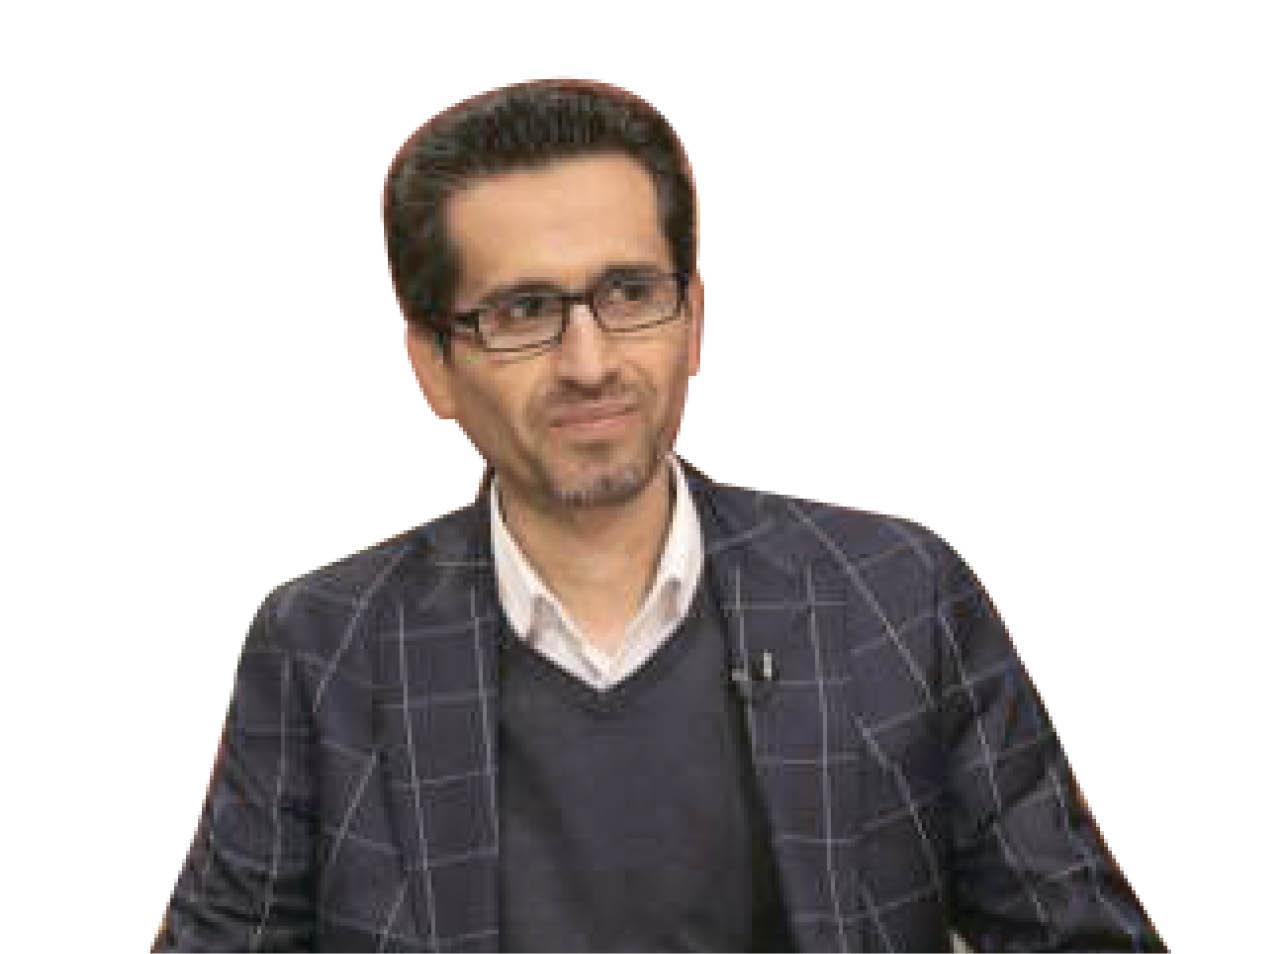 گفتوگو با مهدی باقربیگی، بازیگر سریال قصههای مجید: مجید ماندگار شده است